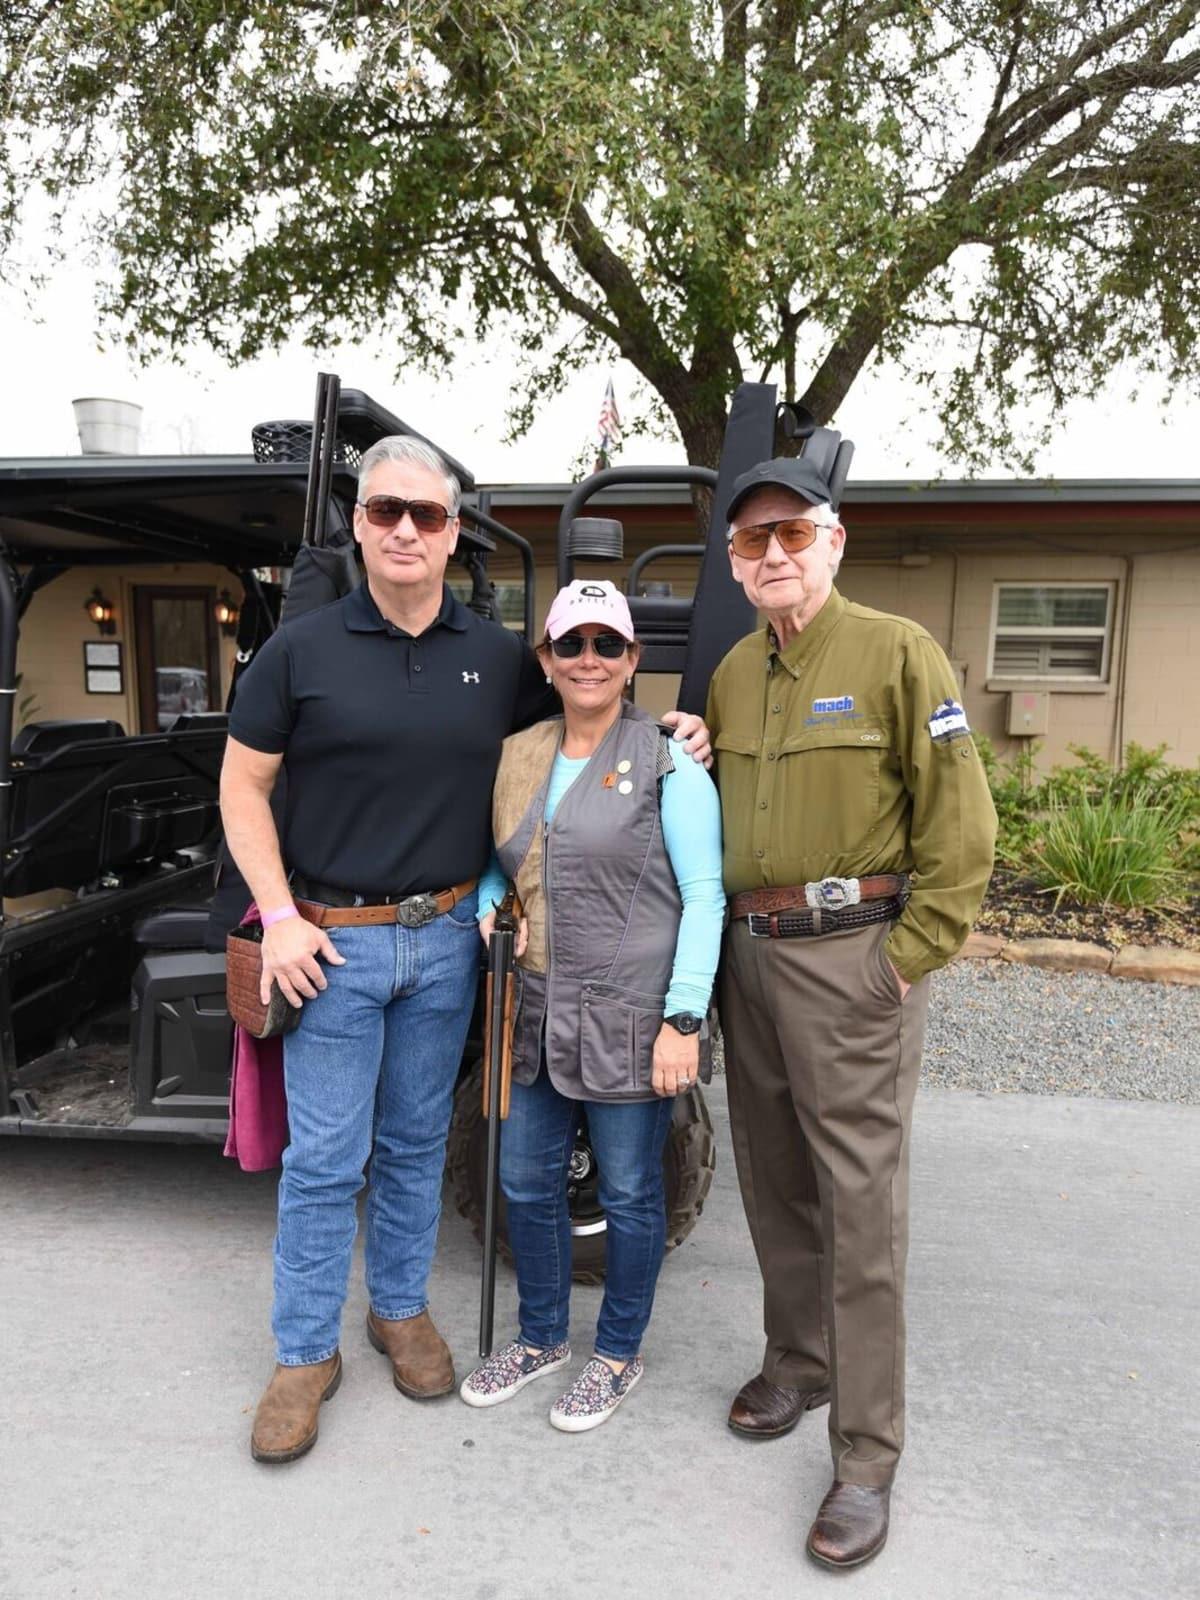 Butch Mach, Carmen Mach, Harry Mach at Memorial Hermann Clay shoot